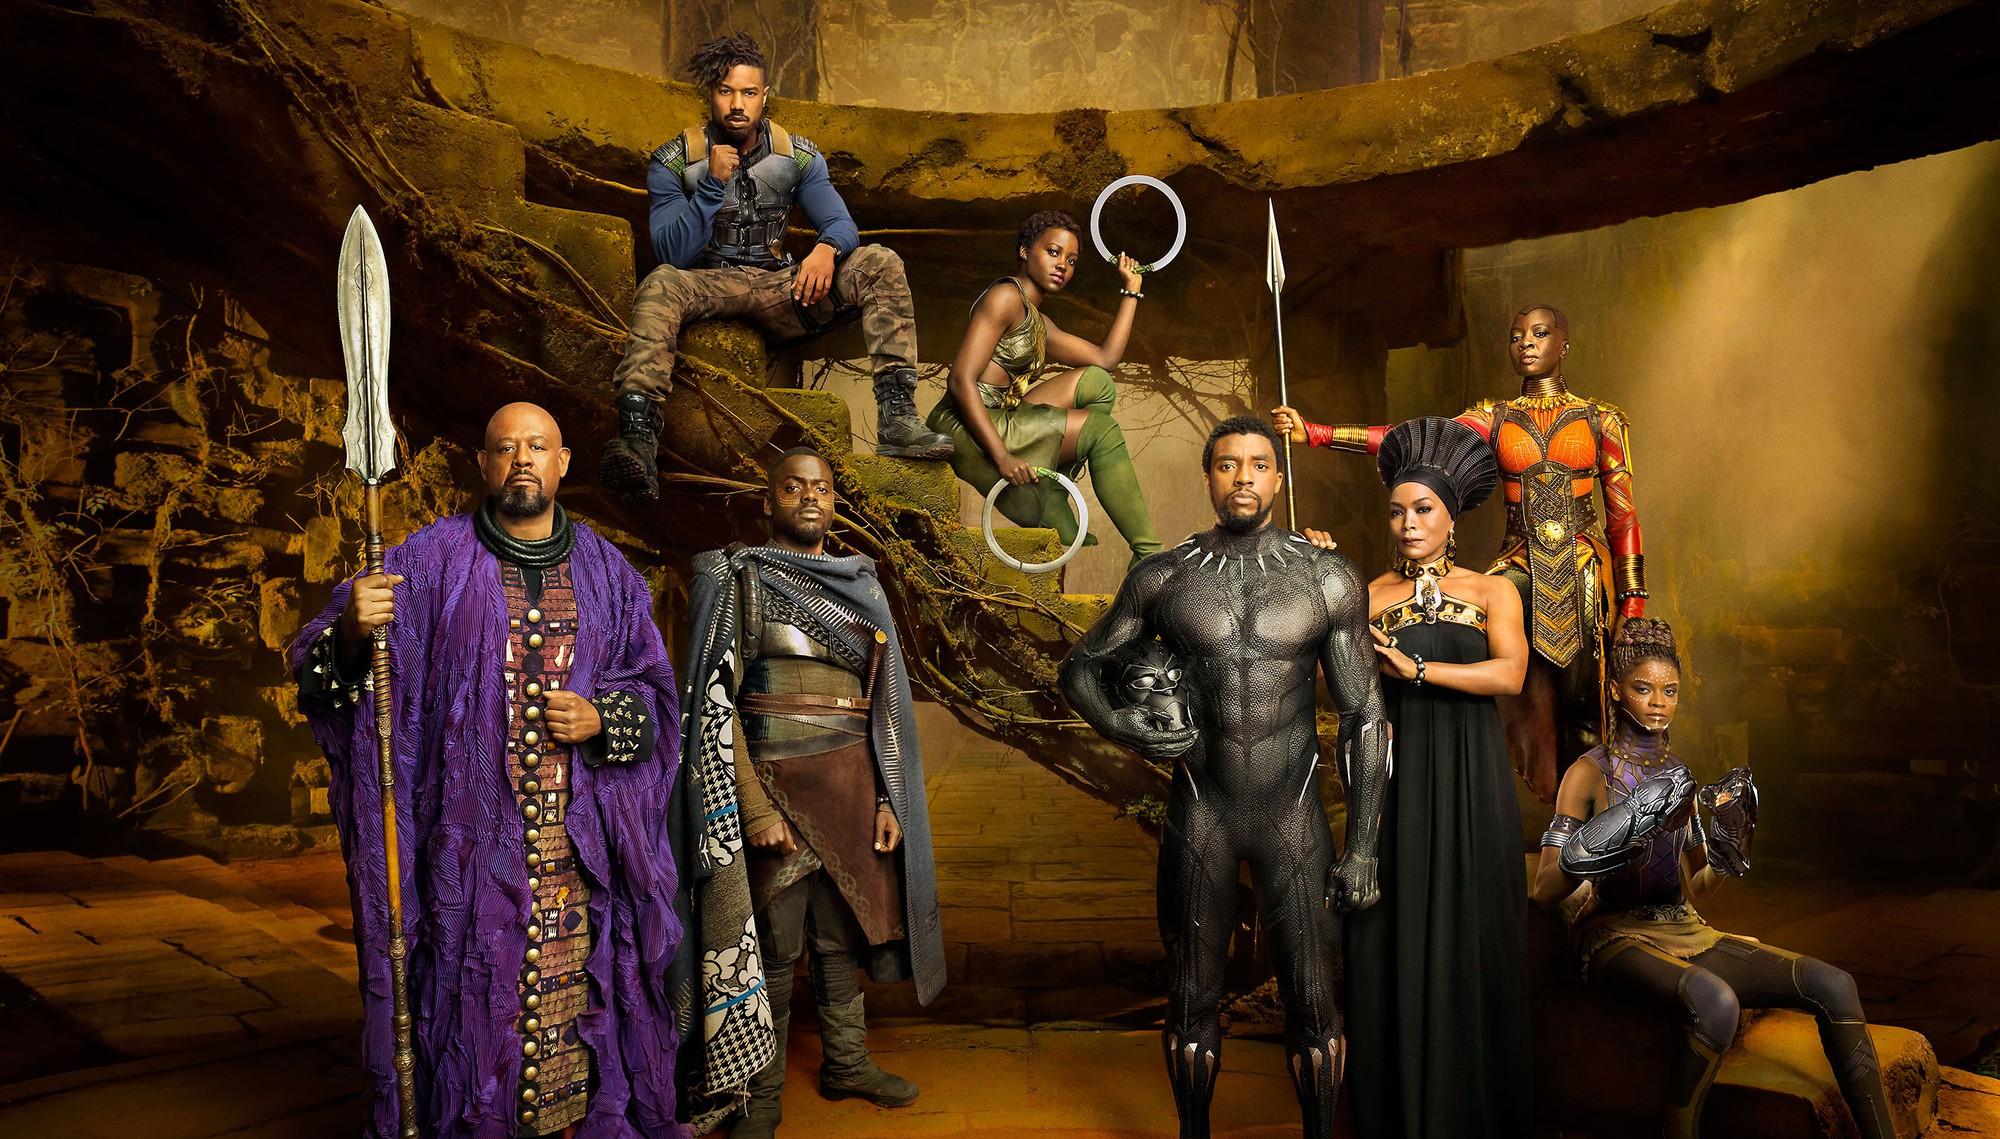 Black Panther - Chiêu trò gây shock hay thông điệp bình đẳng chủng tộc từ Marvel? - Ảnh 2.